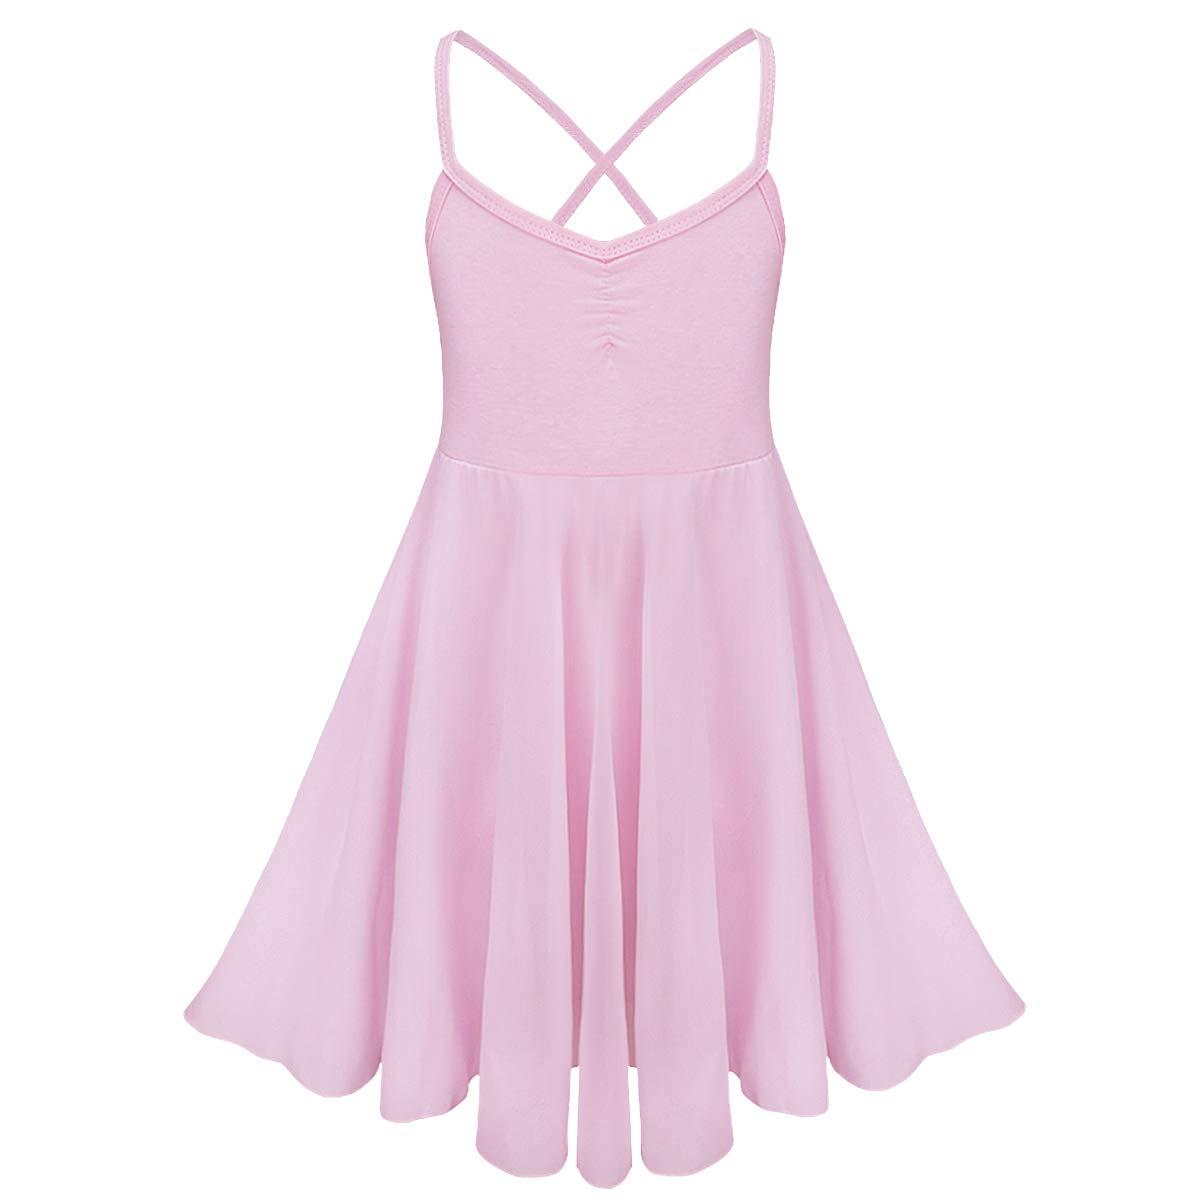 CHICTRY DRESS ガールズ B076ZNK5C9 ピンク 4-5 Years